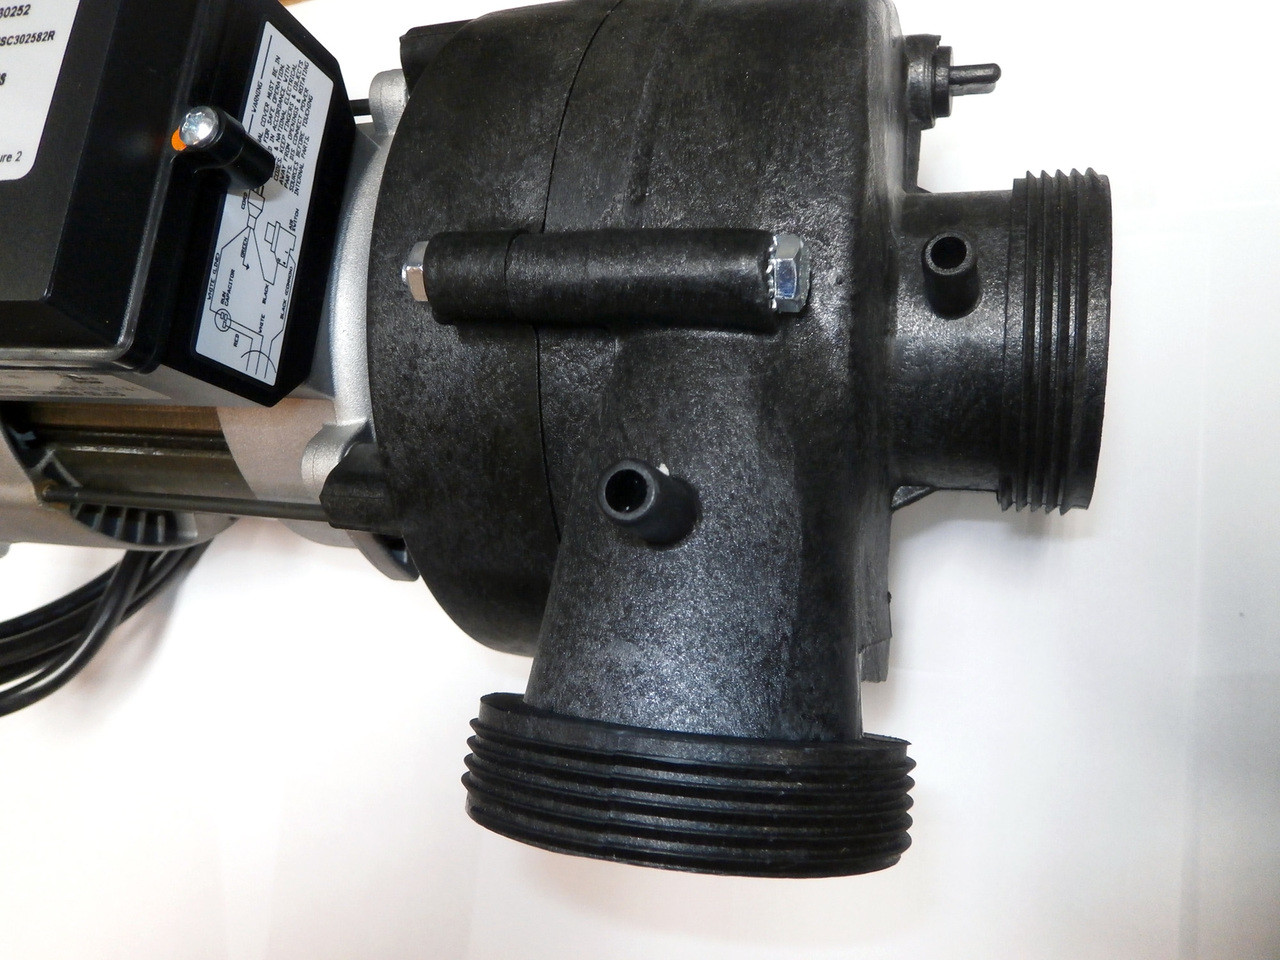 X320400 - Detail View